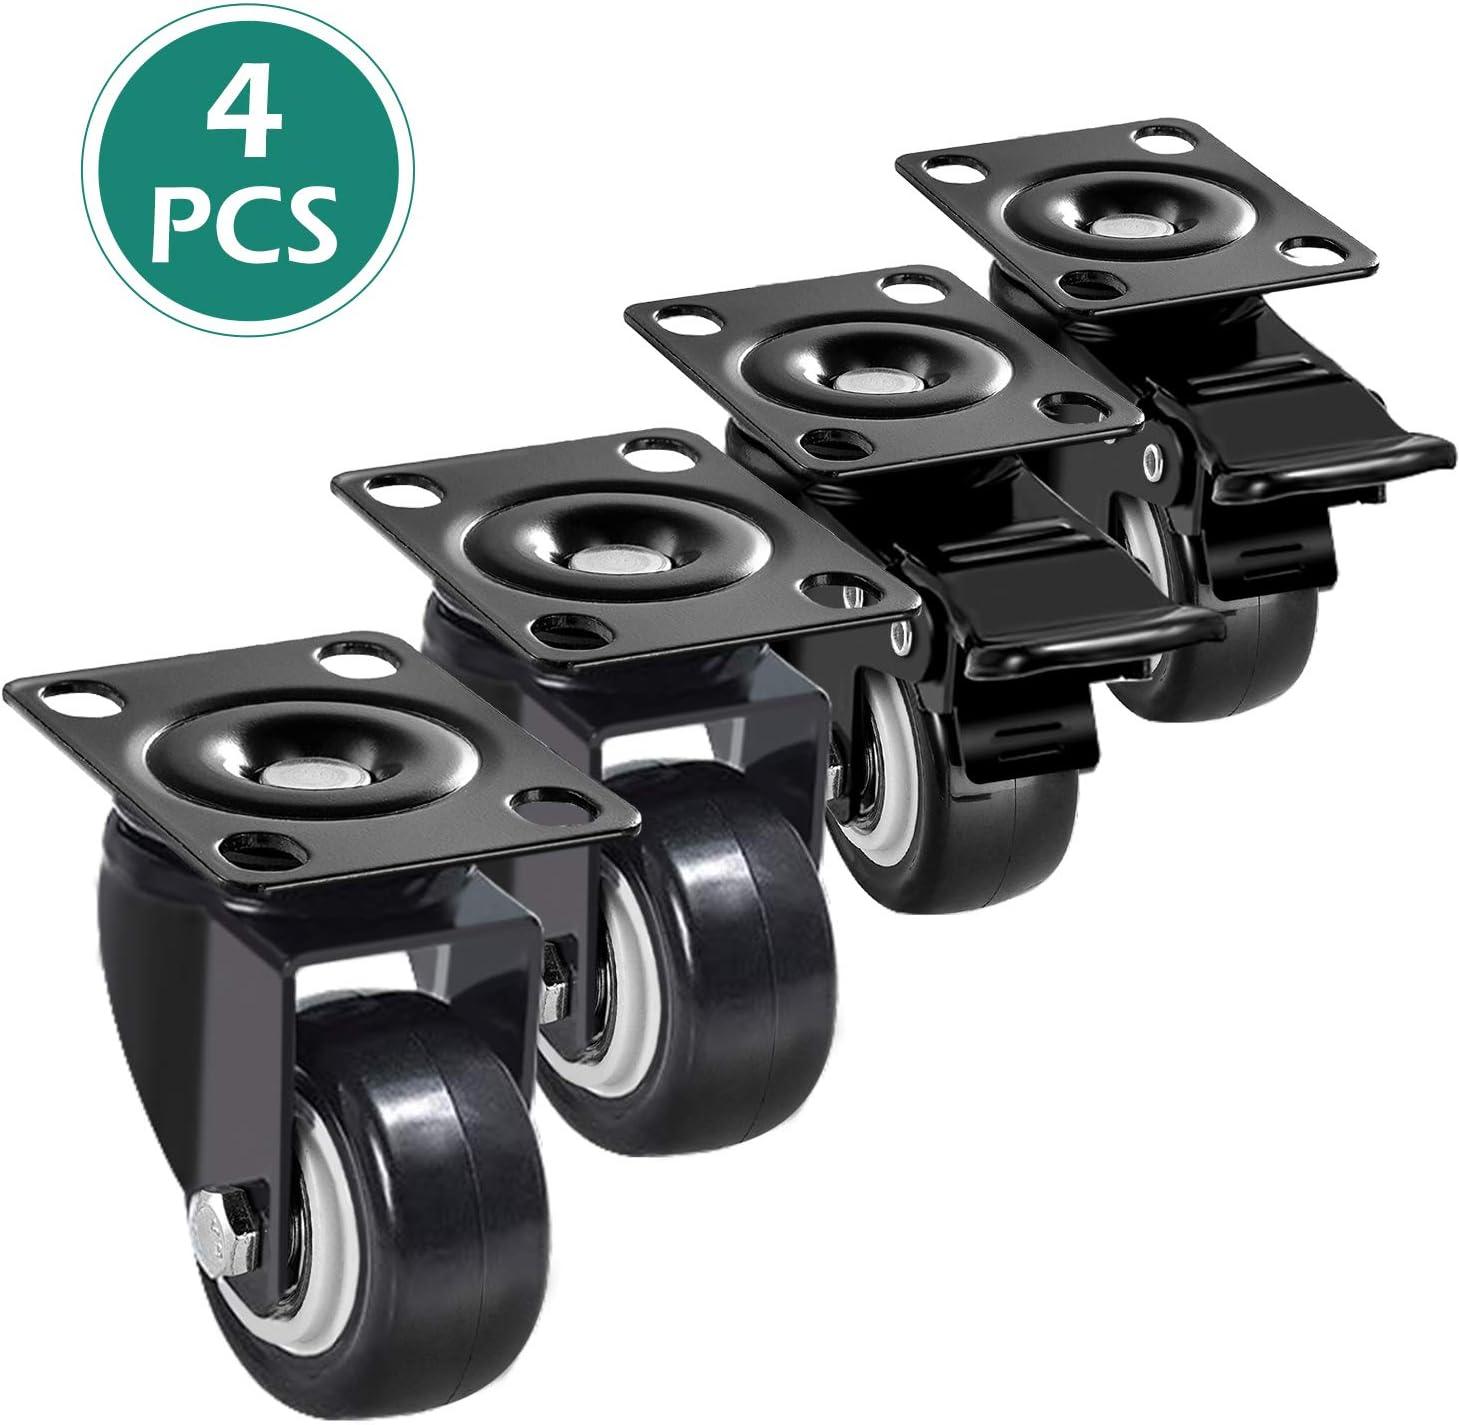 Ruedas para Muebles ruedas para Todos los Suelos Incluida la Madera Dura GeeRic 4 Pcs Ruedas Giratorias 50mm 200kg 360/° Ruedas para Sillas de Oficina Con Freno Industrial Con Placa de Montaje